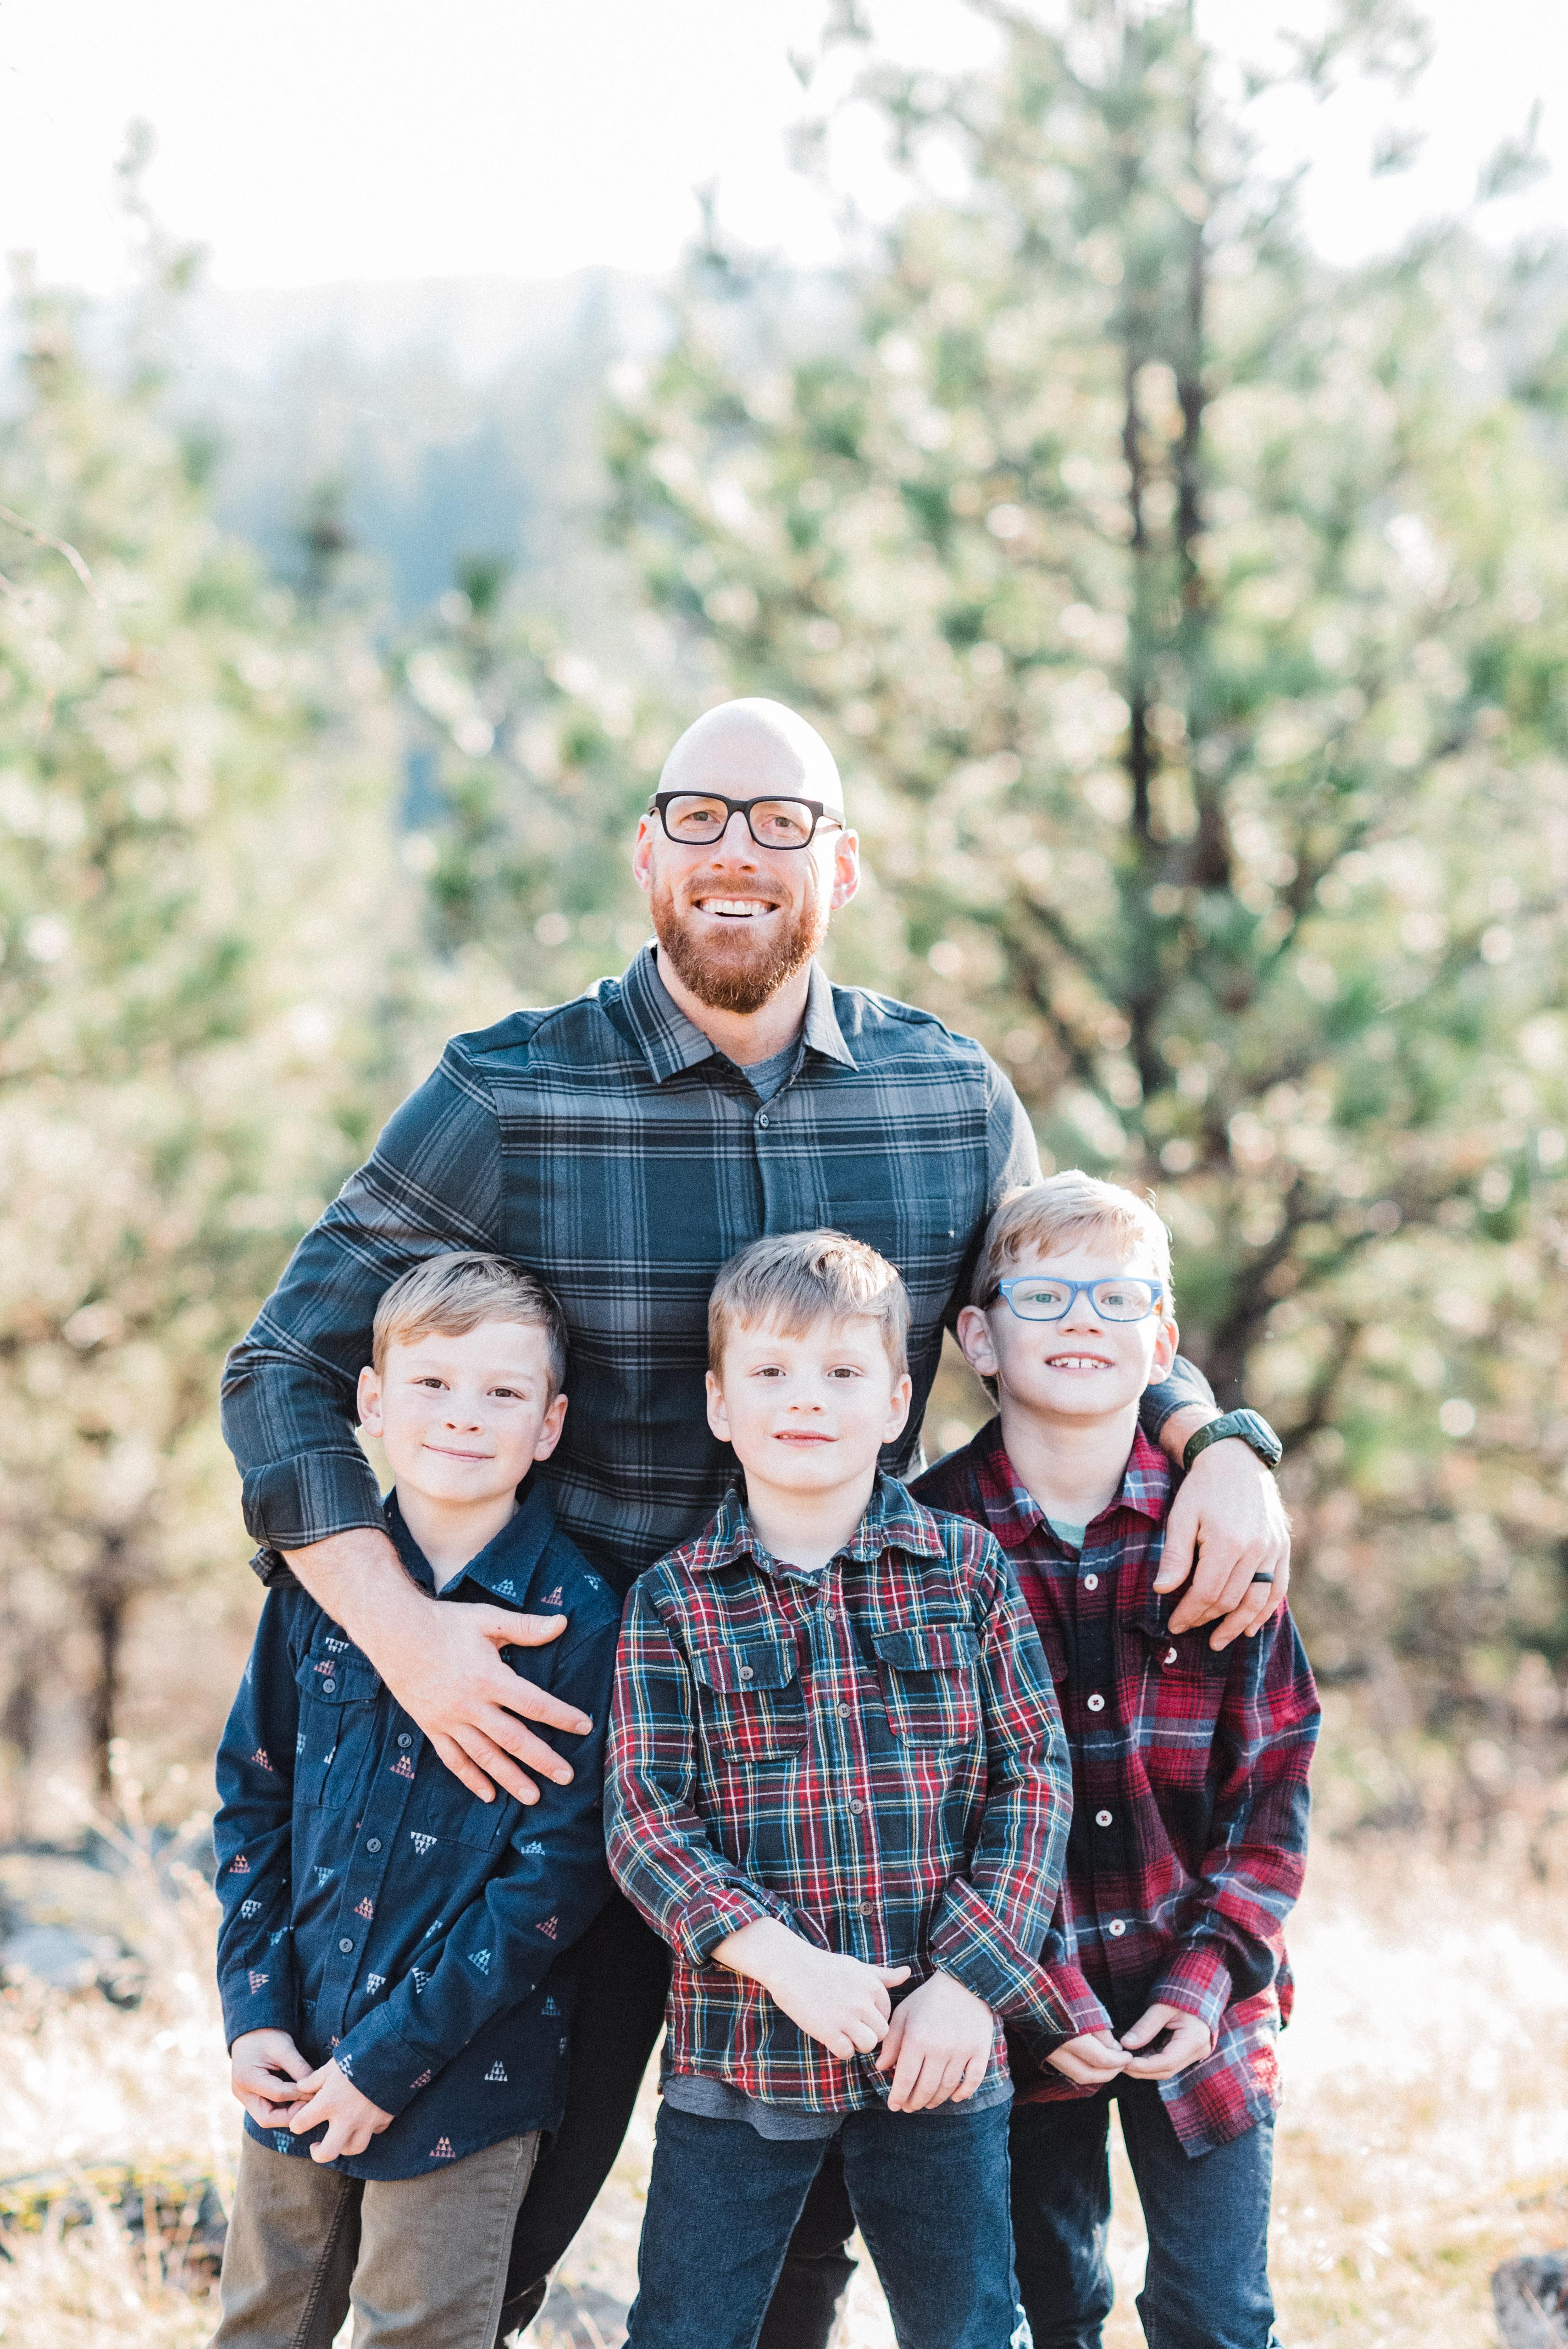 spokane_family_photographer_longmeier (13 of 19).jpg